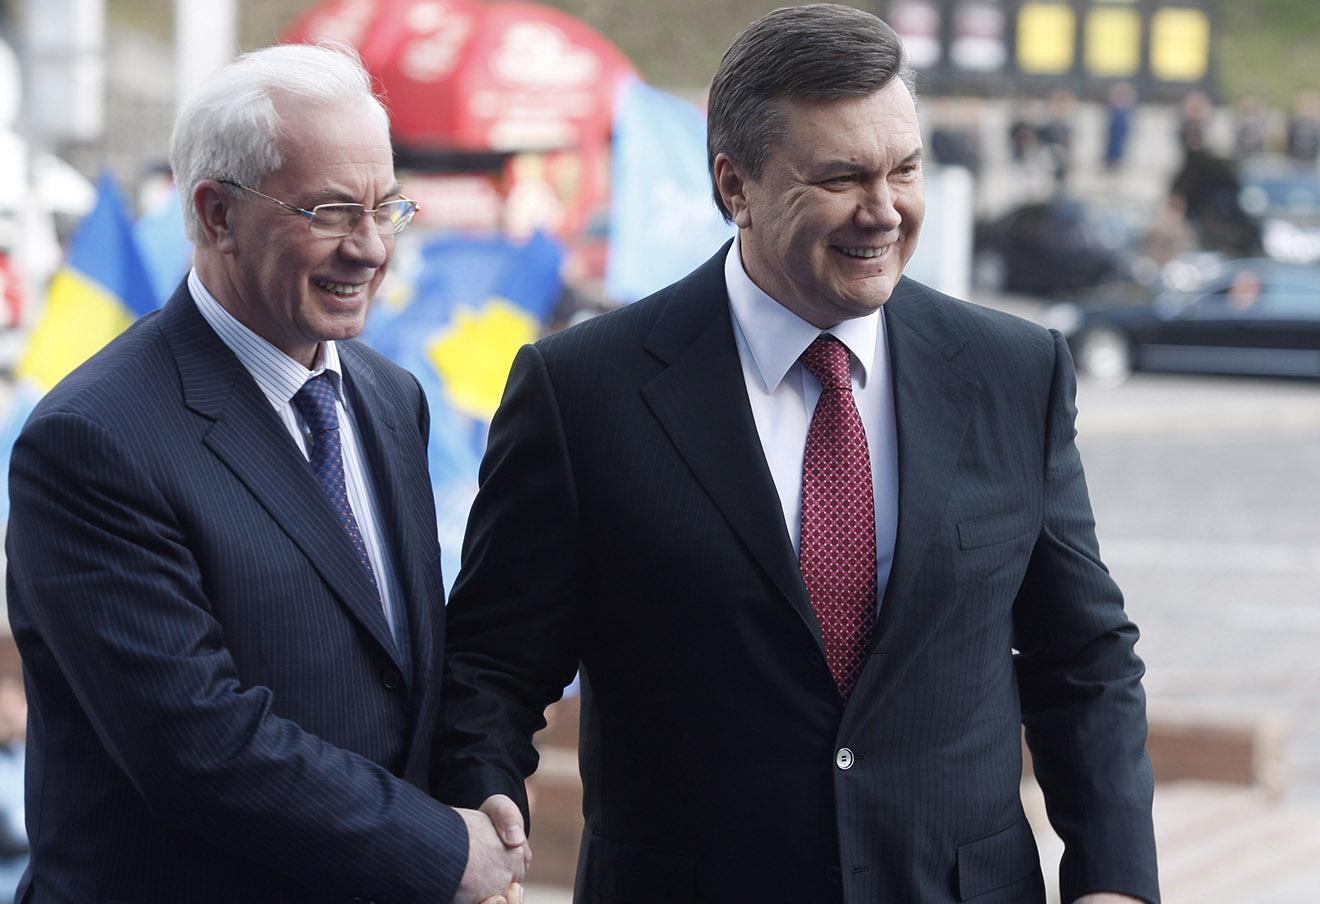 Янукович стал отцом: родился мальчик. Тоже — легитимный